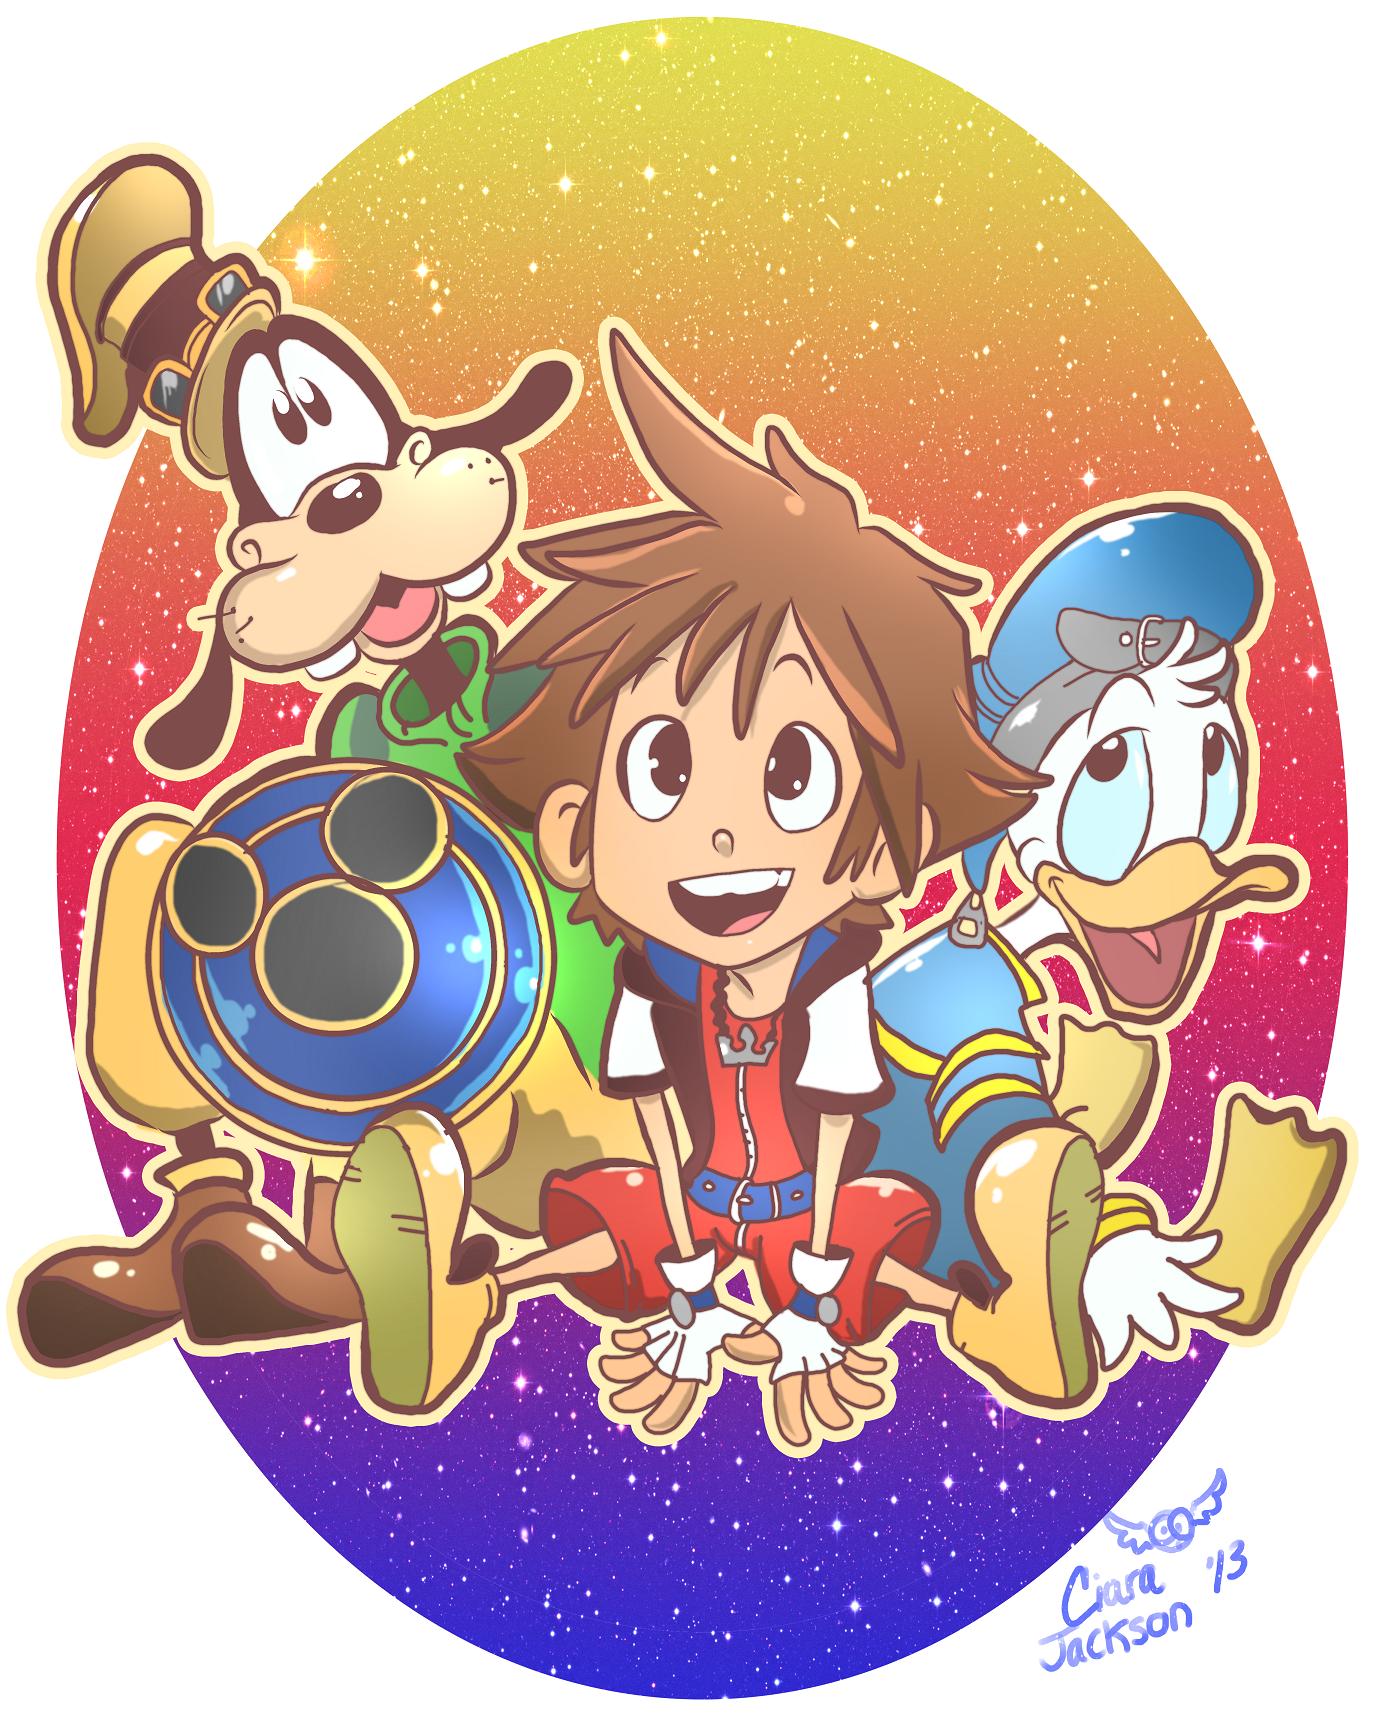 Kingdom Hearts Cuteness!